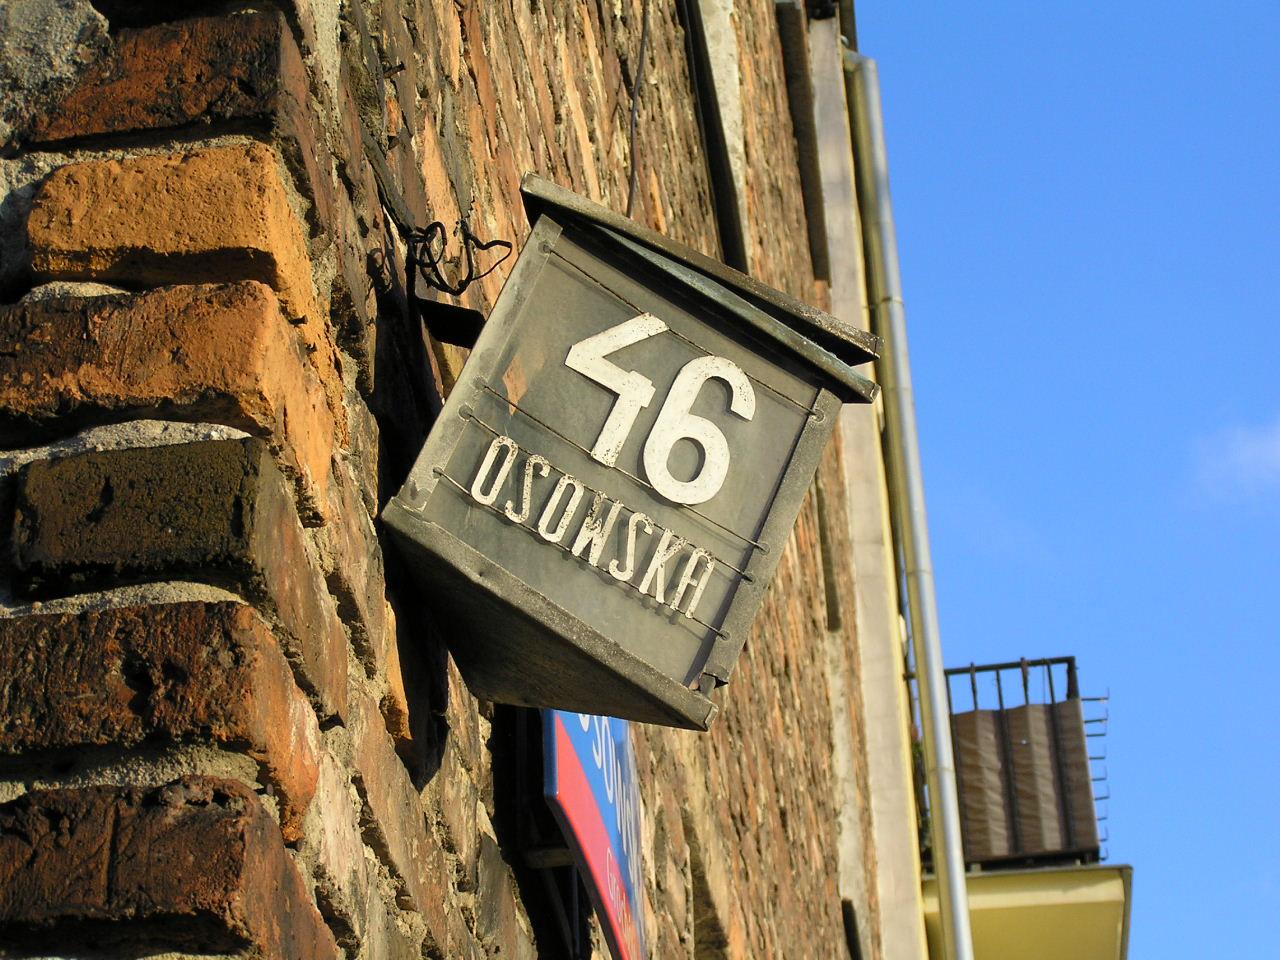 Latarenka adresowa - Osowska 46